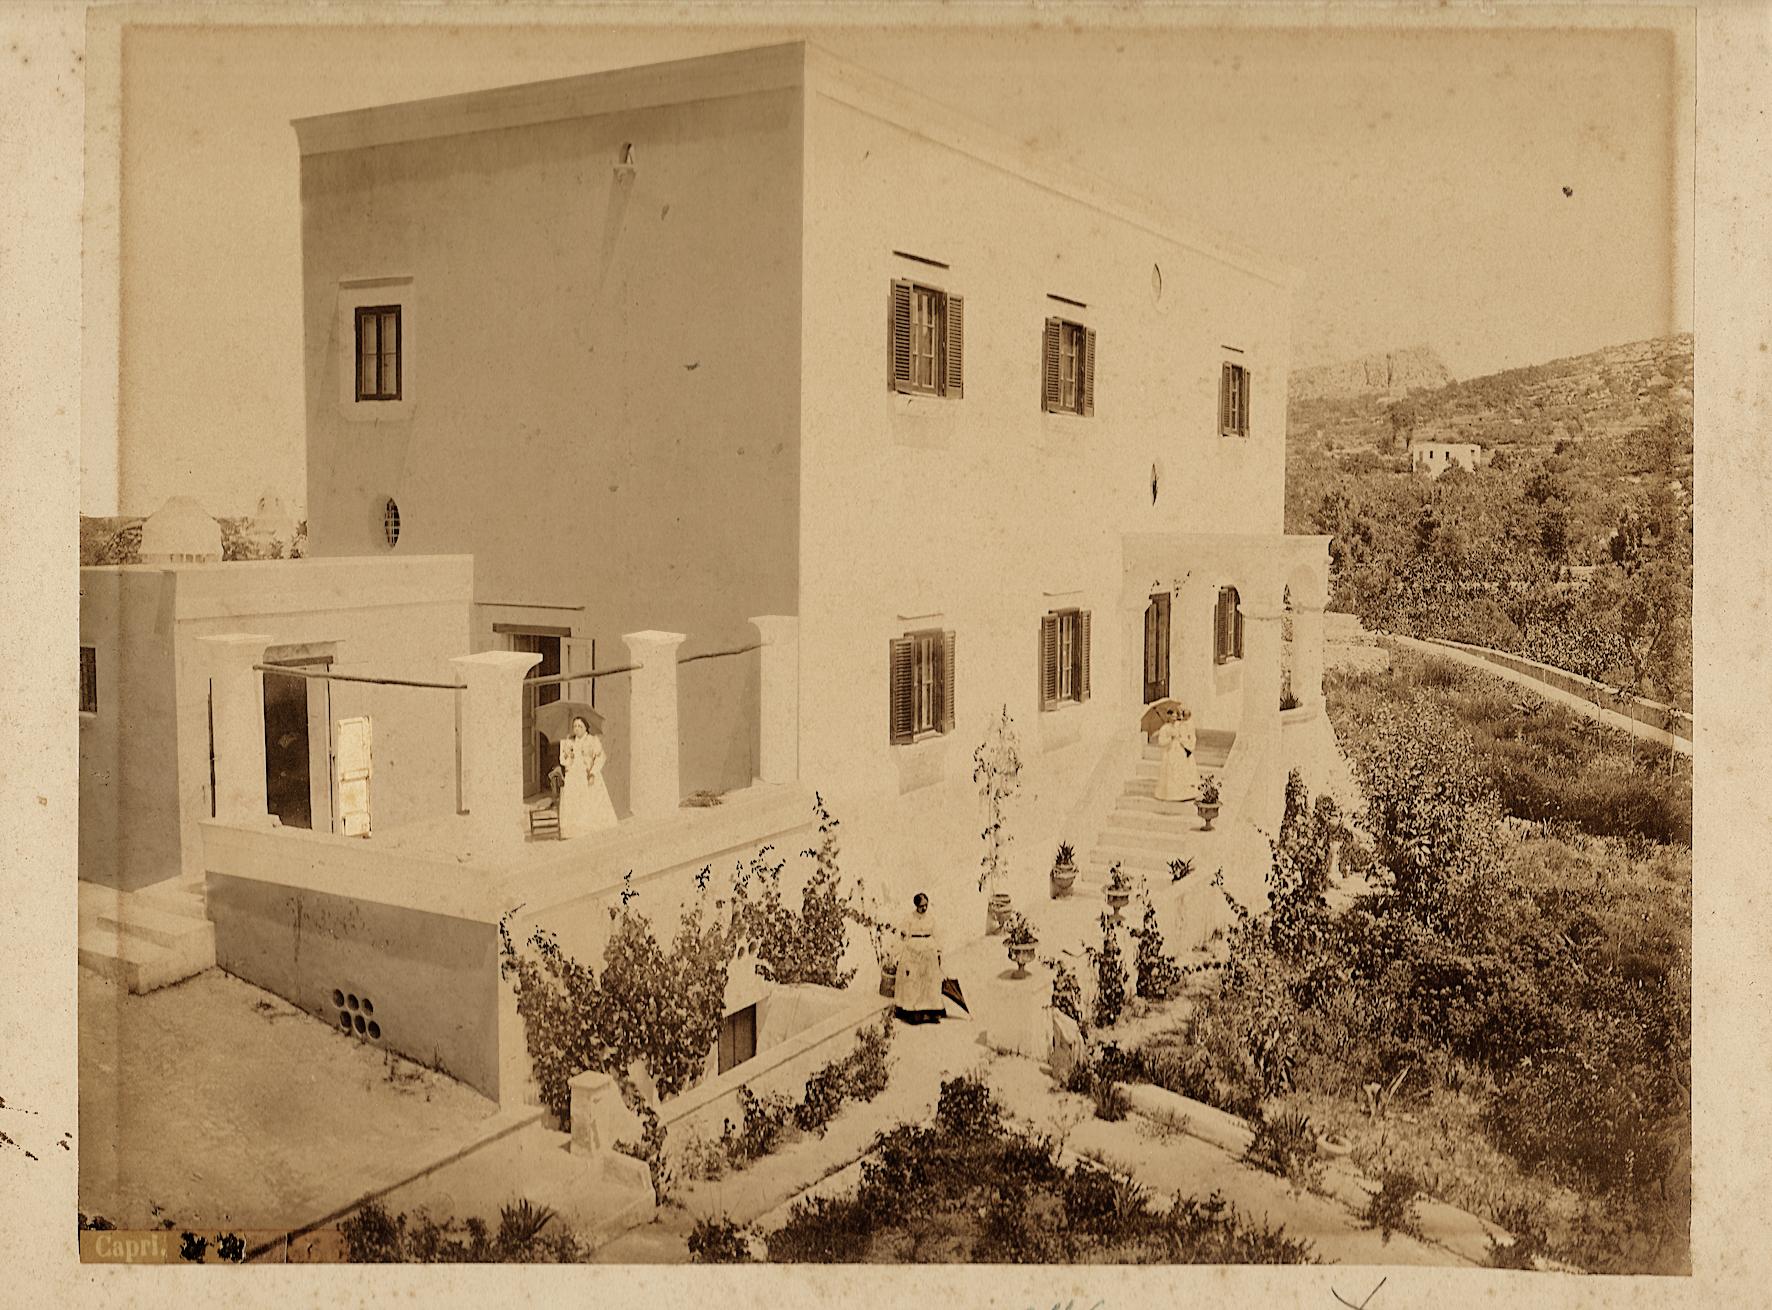 Villa Croce - Appartamenti in affitto a Capri, Campania, Italia